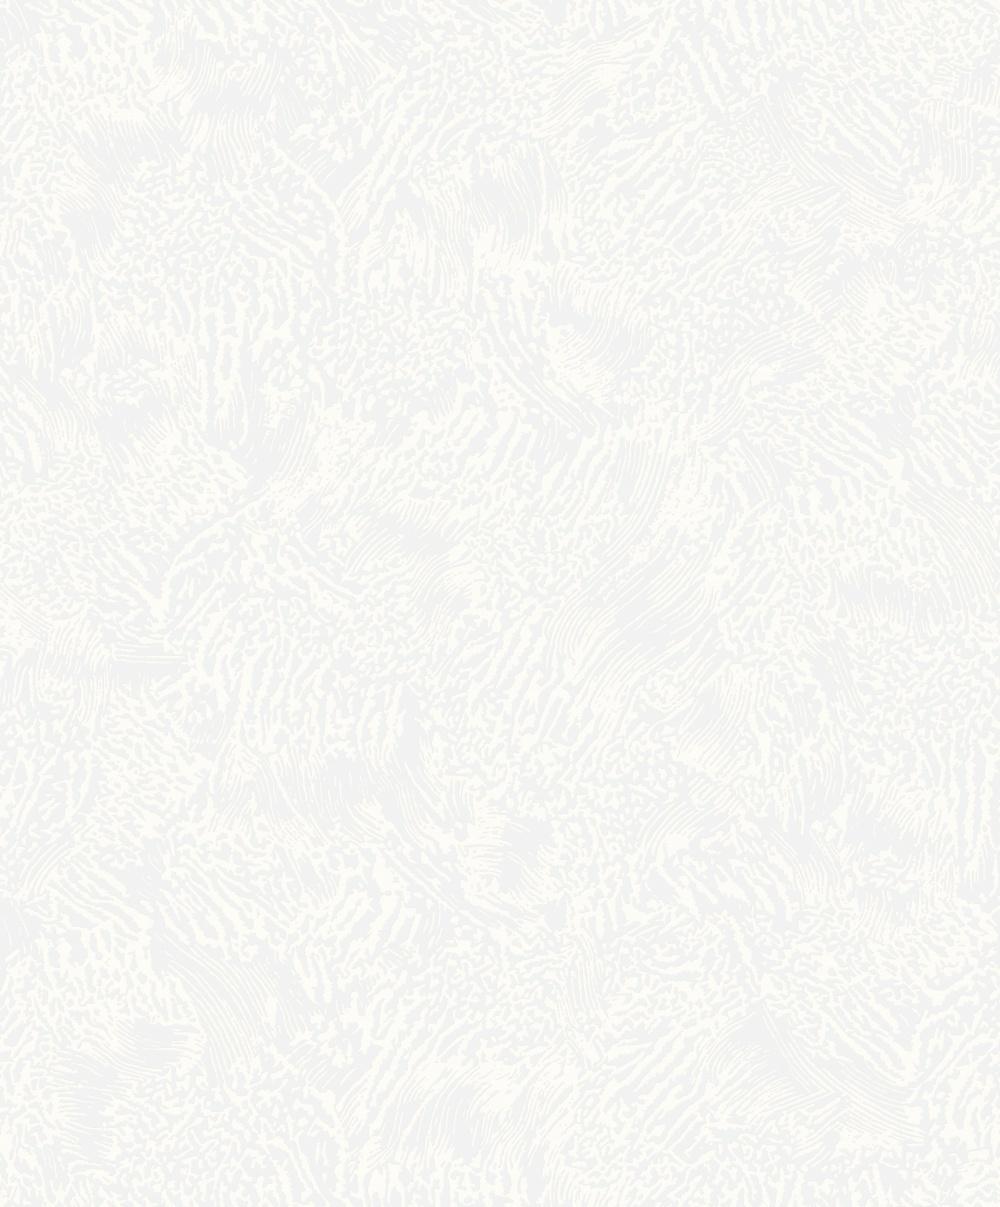 арт. 1076-11